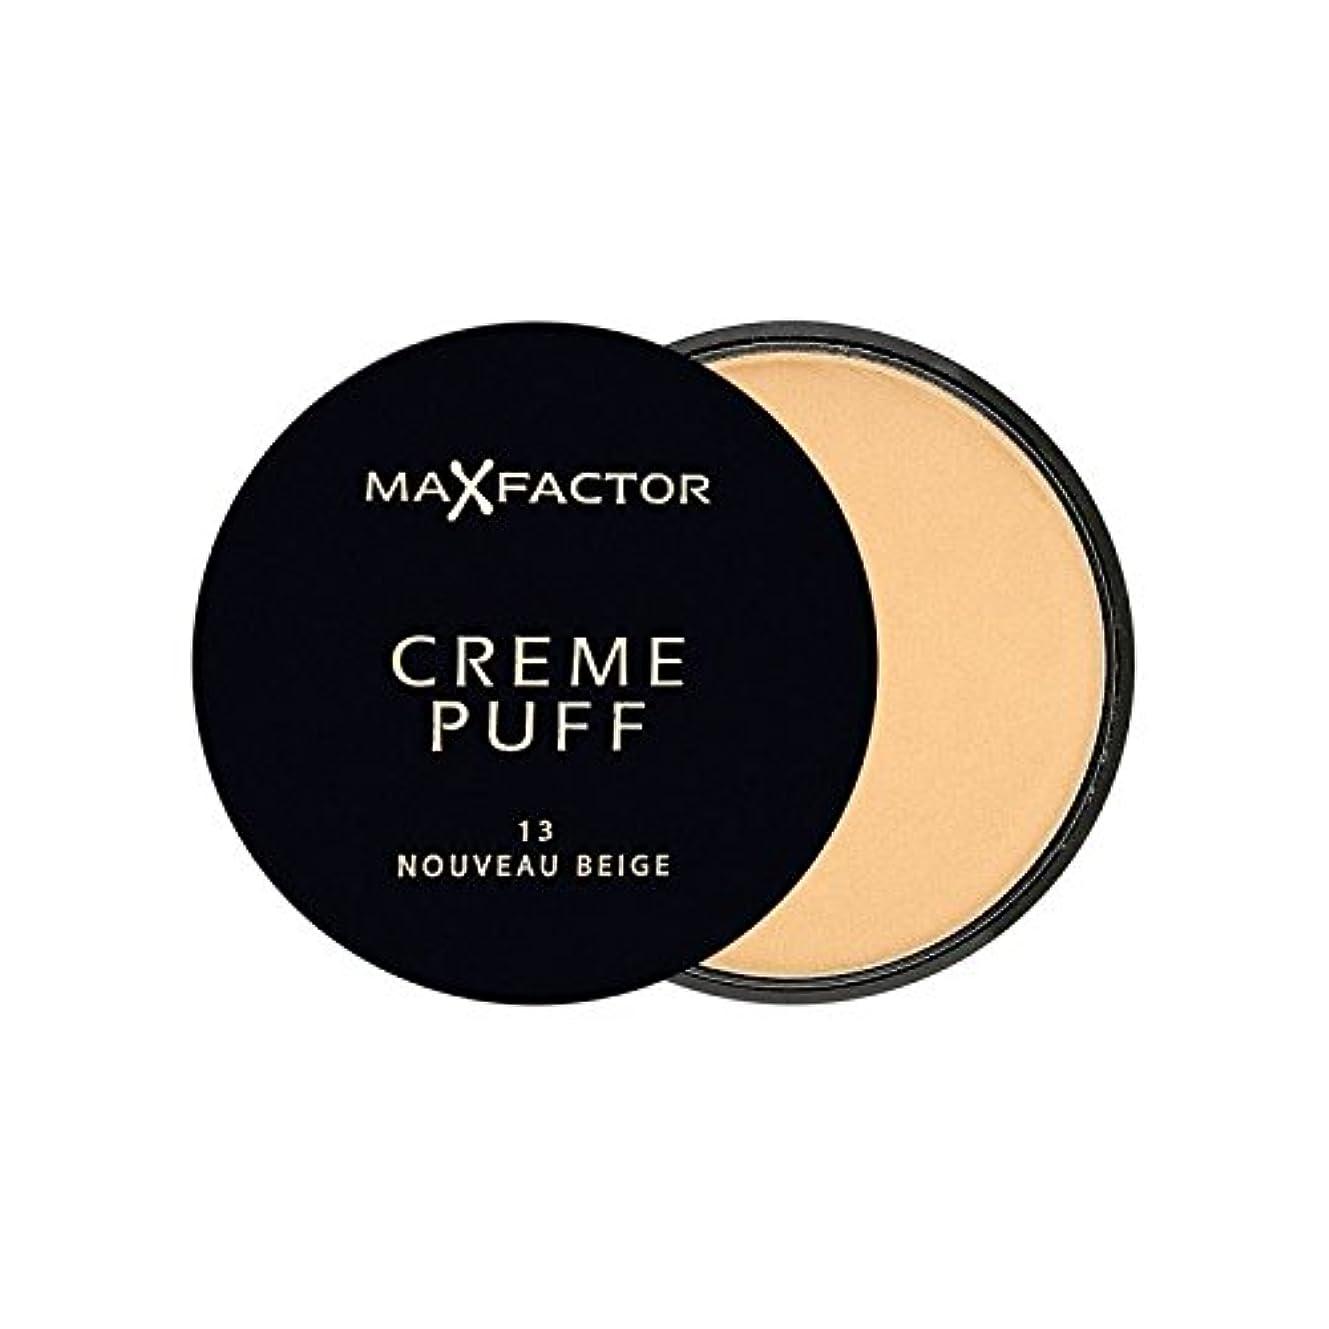 なだめる空理解Max Factor Creme Puff Powder Compact Nouveau Beige 13 (Pack of 6) - マックスファクタークリームパフ粉末コンパクトヌーボーベージュ13 x6 [並行輸入品]